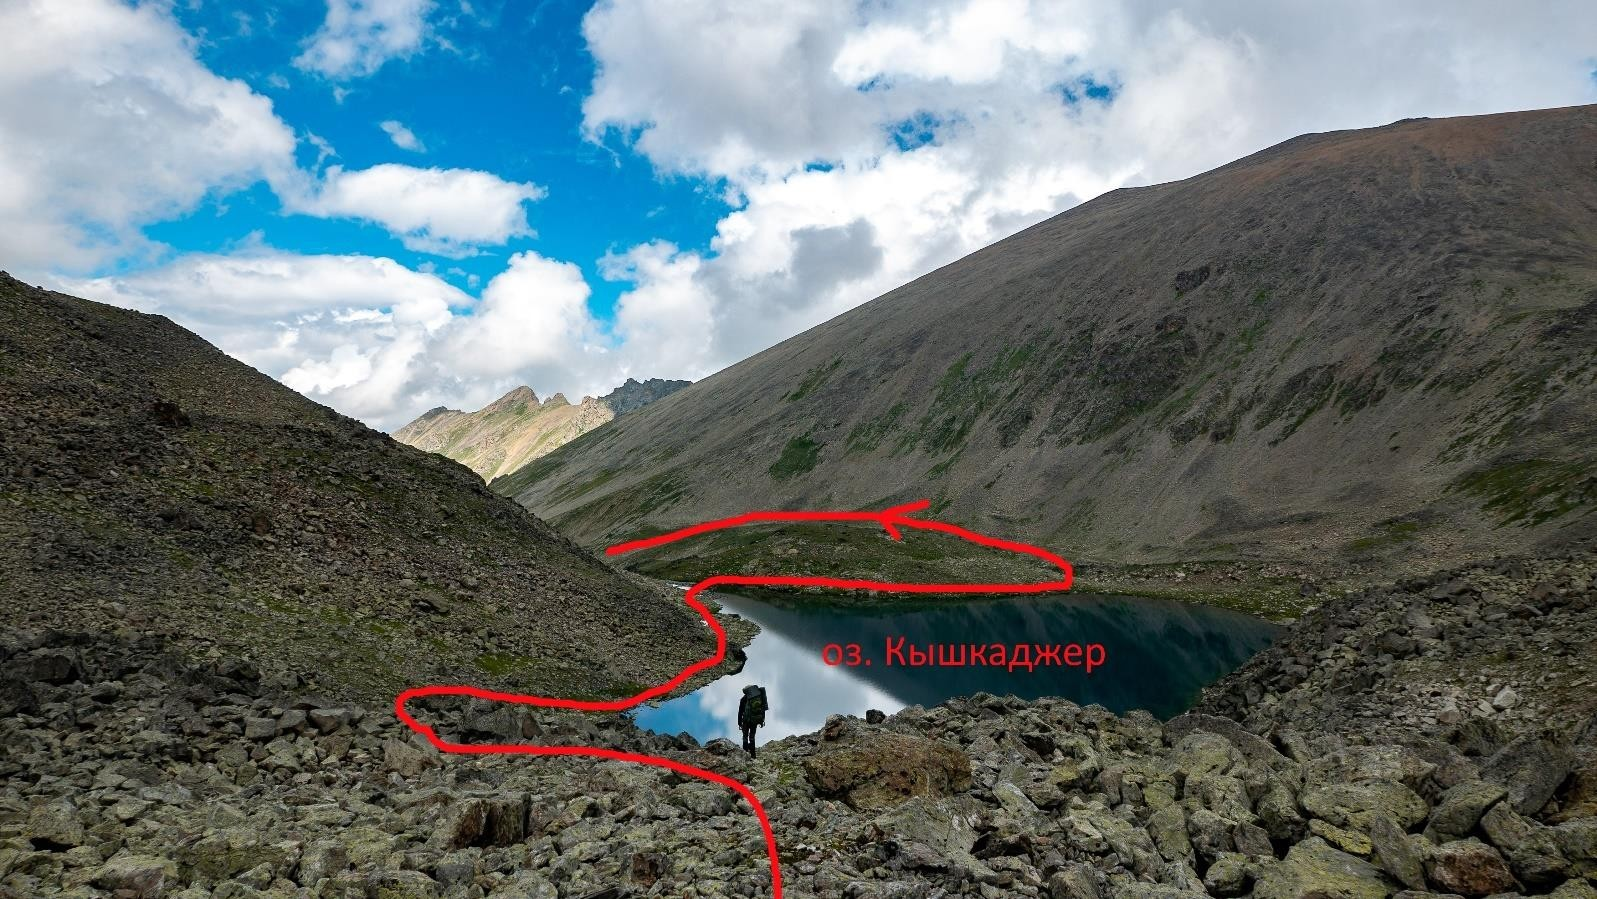 Отчёт о пешем туристском походе 3 категории сложности по Кавказу в районе Приэльбрусья, Теберды и Архыза